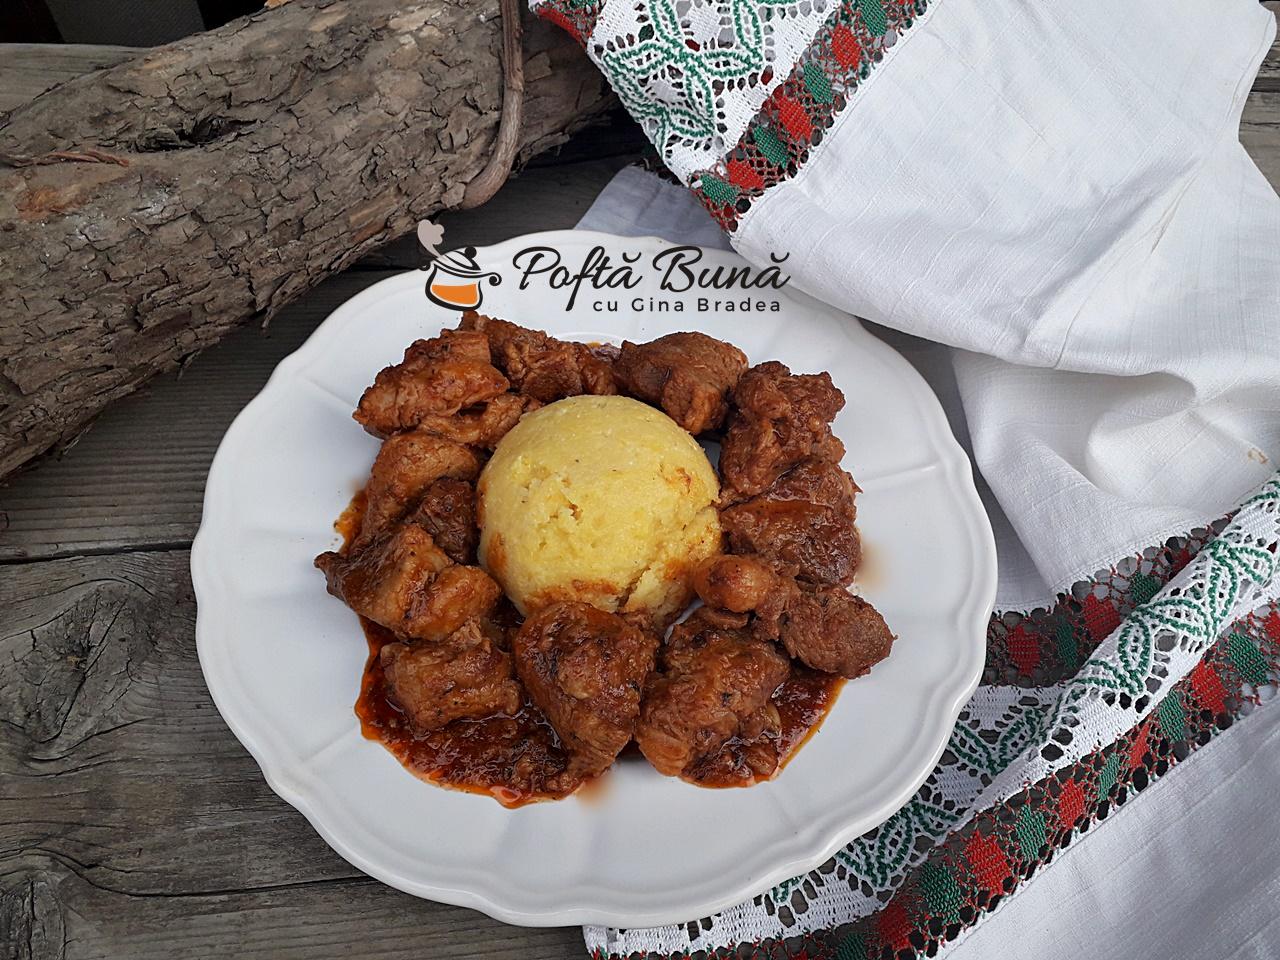 Tochitura dobrogeana bucovineana sau tochitura de porc cu ceapa 1 - Tochitura dobrogeana, bucovineana sau tochitura de porc cu ceapa